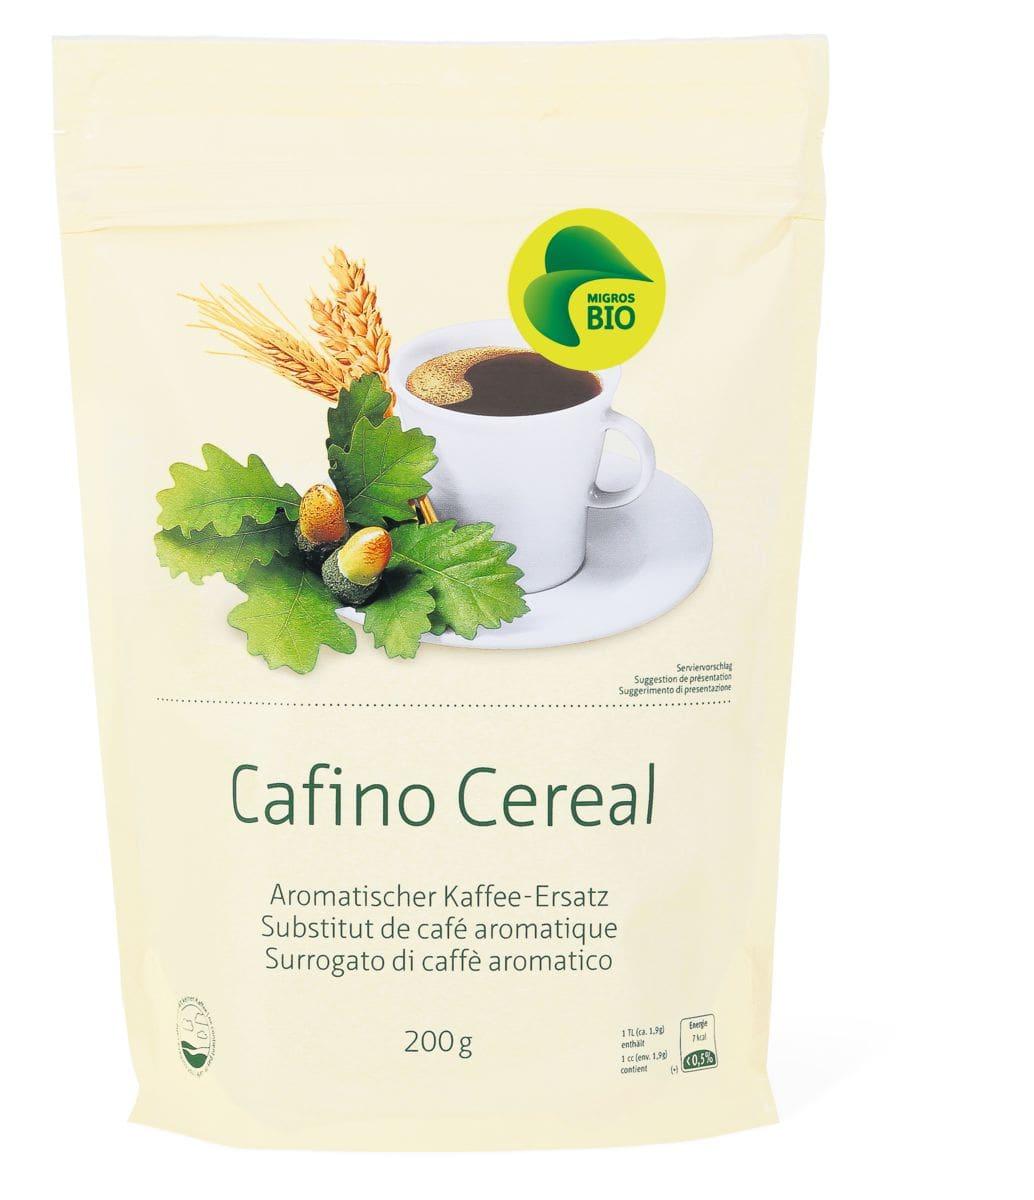 Bio Cafino Cereal sacchetti 200g